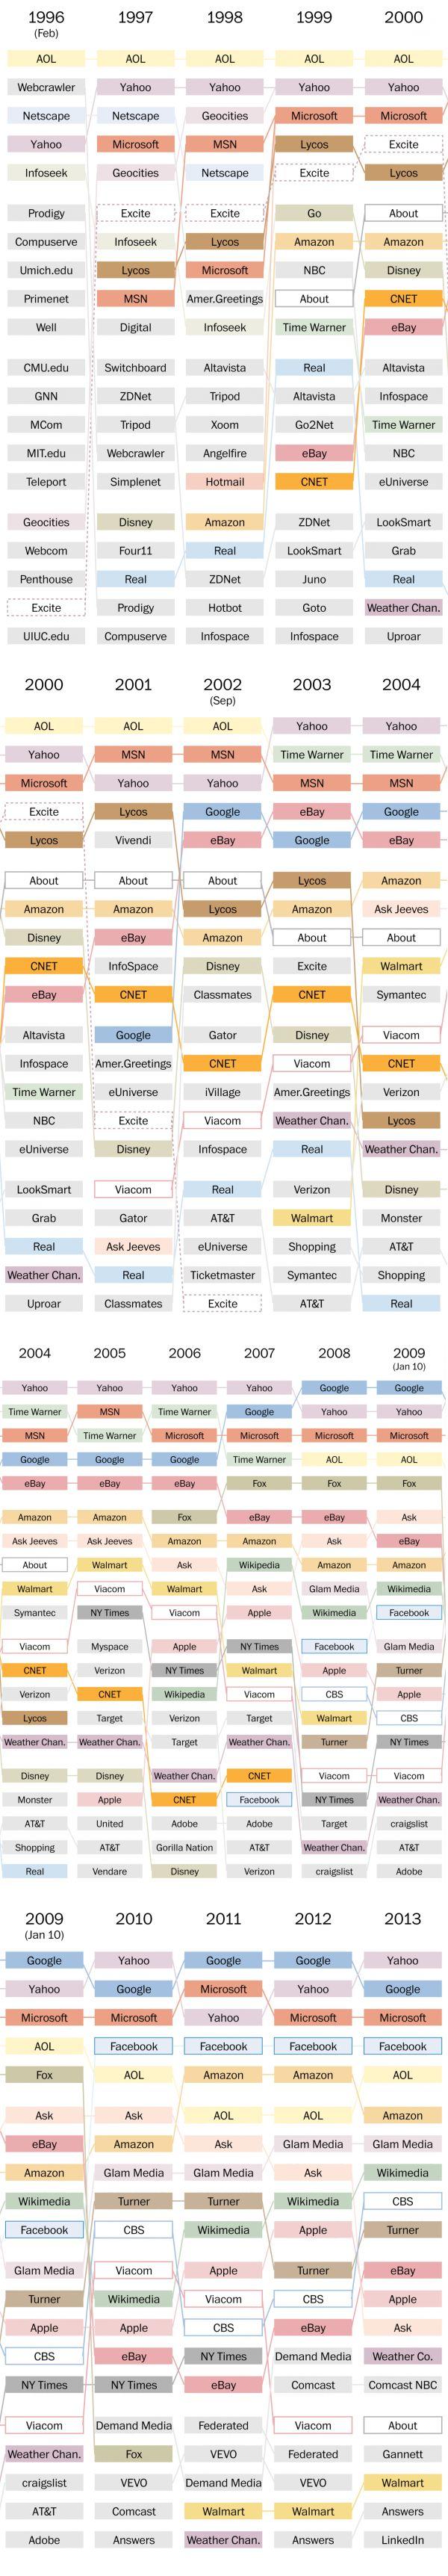 Les 20 sites les plus visités année par année depuis 1996. via le blog du modérateur. Source: http://www.blogdumoderateur.com/sites-les-plus-visites-depuis-1996/ Fait par le Washington Post. #Nostalgie #web